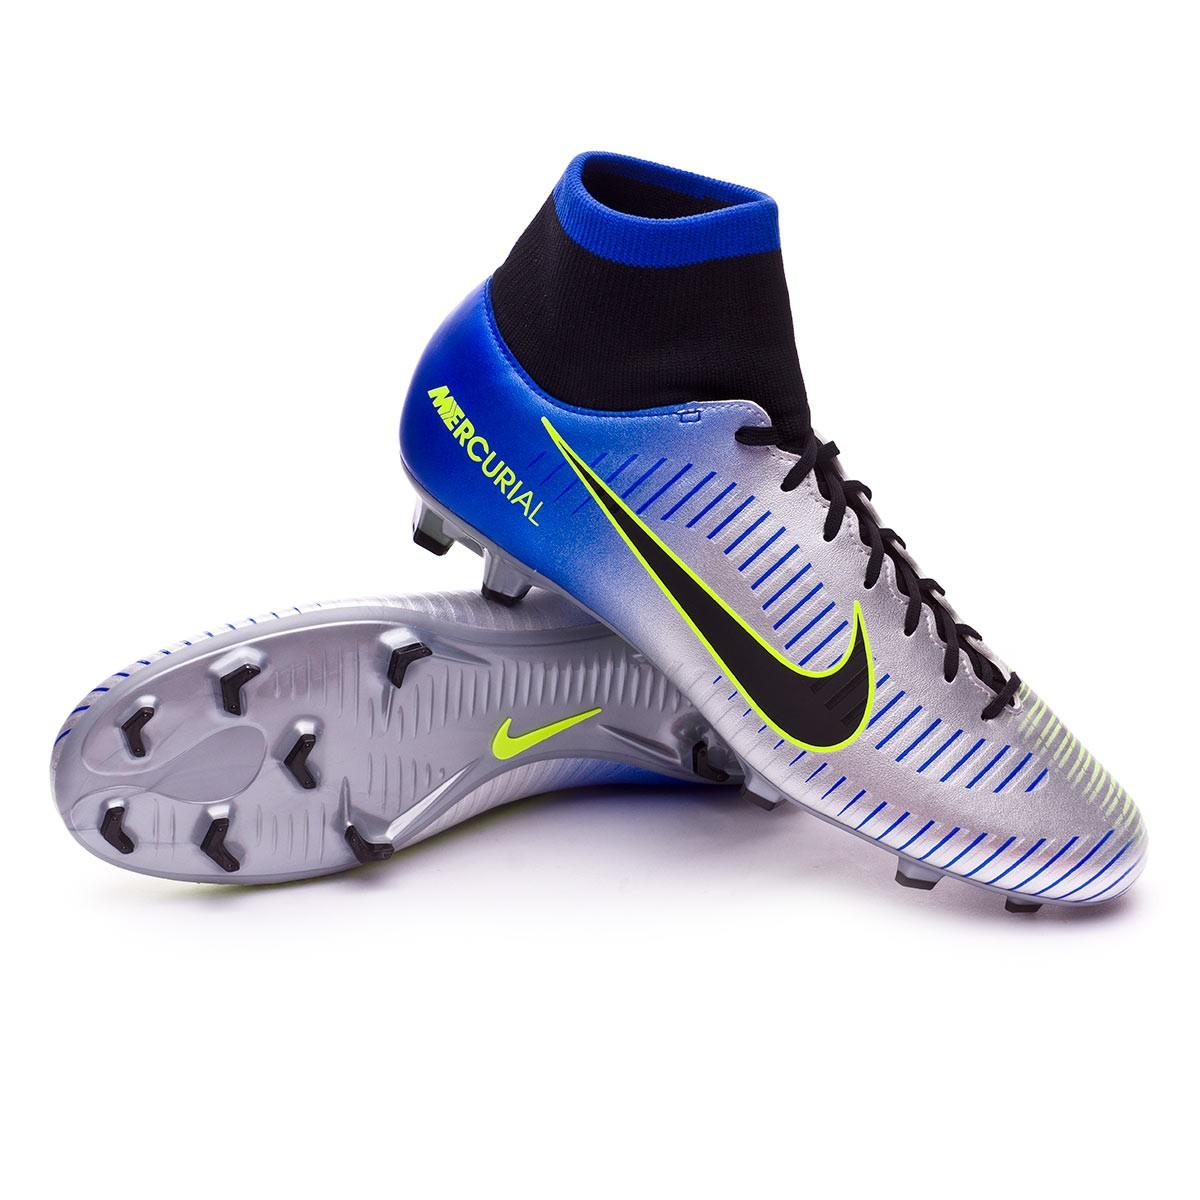 bc3866b88342b Football Boots Nike Mercurial Victory VI DF FG Neymar Racer blue ...